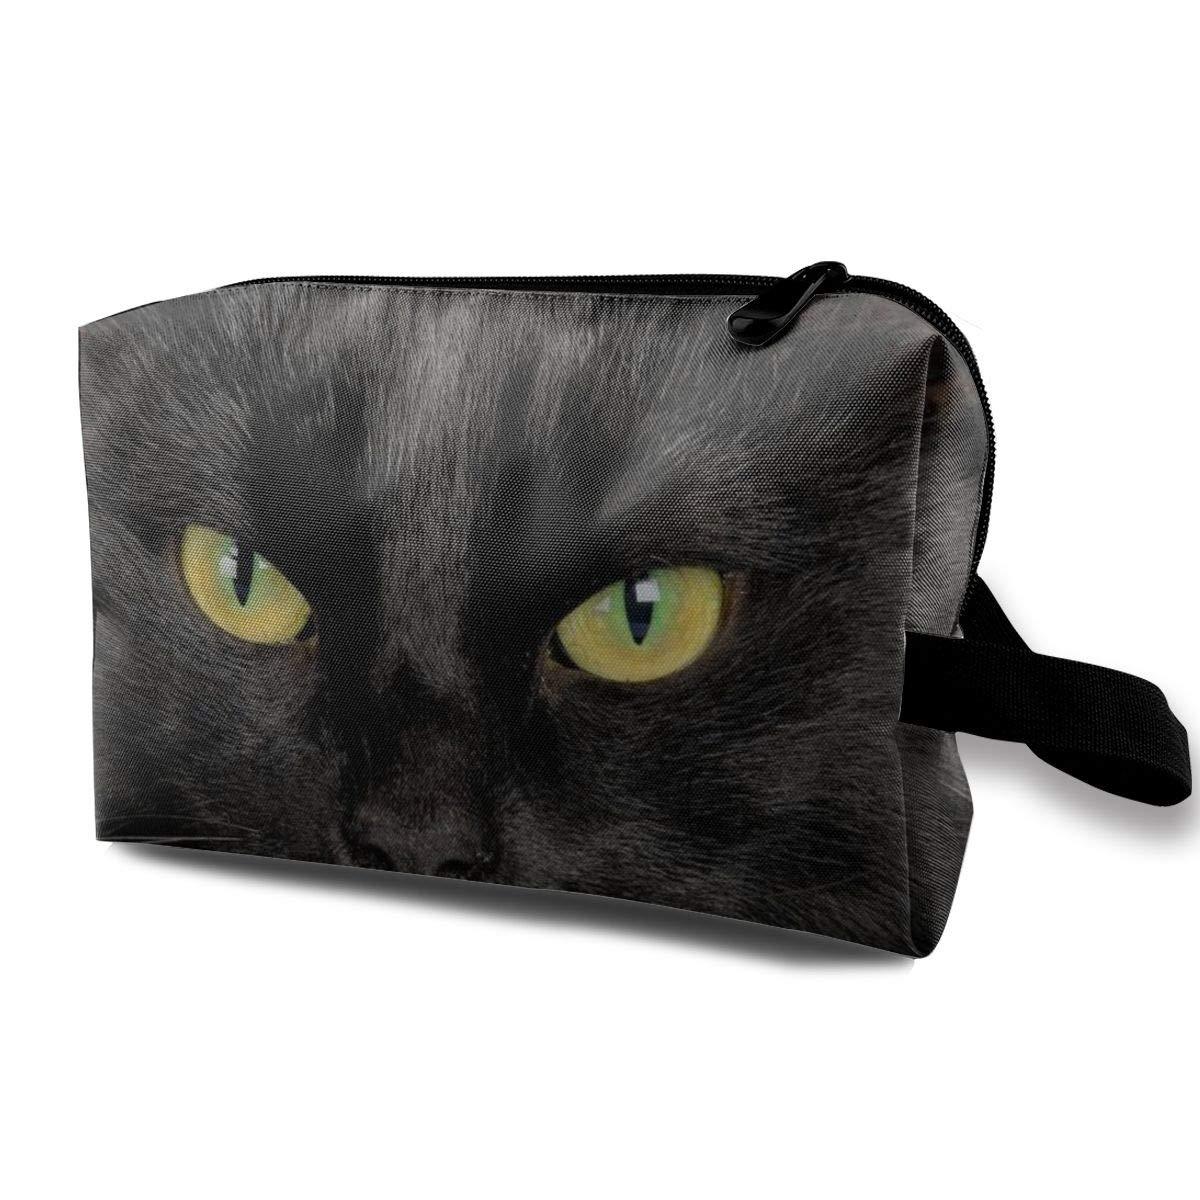 Cosmetic Bag Zipper Storage Bag Portable Ladies Travel Square Makeup Brushes Bag Cool Black Cat Print